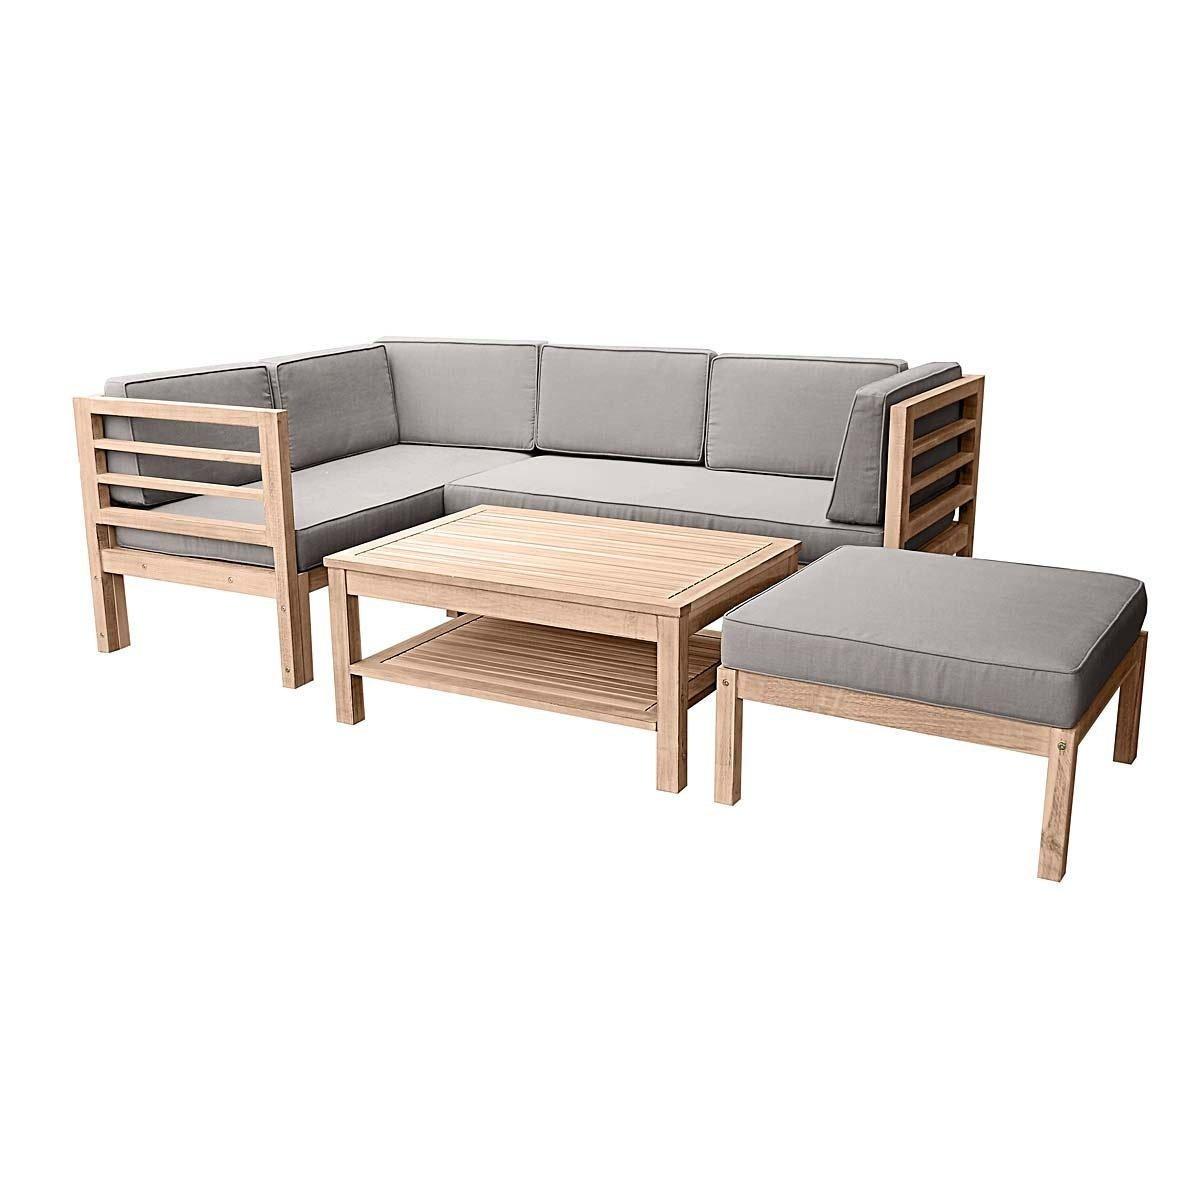 Gartenmöbel-Set variabel platzierbar 2 Sitzelemente 1 Gartentisch 1 Hocker-Sessel Akazien-Holz inklusive Auflagen Braun Grau